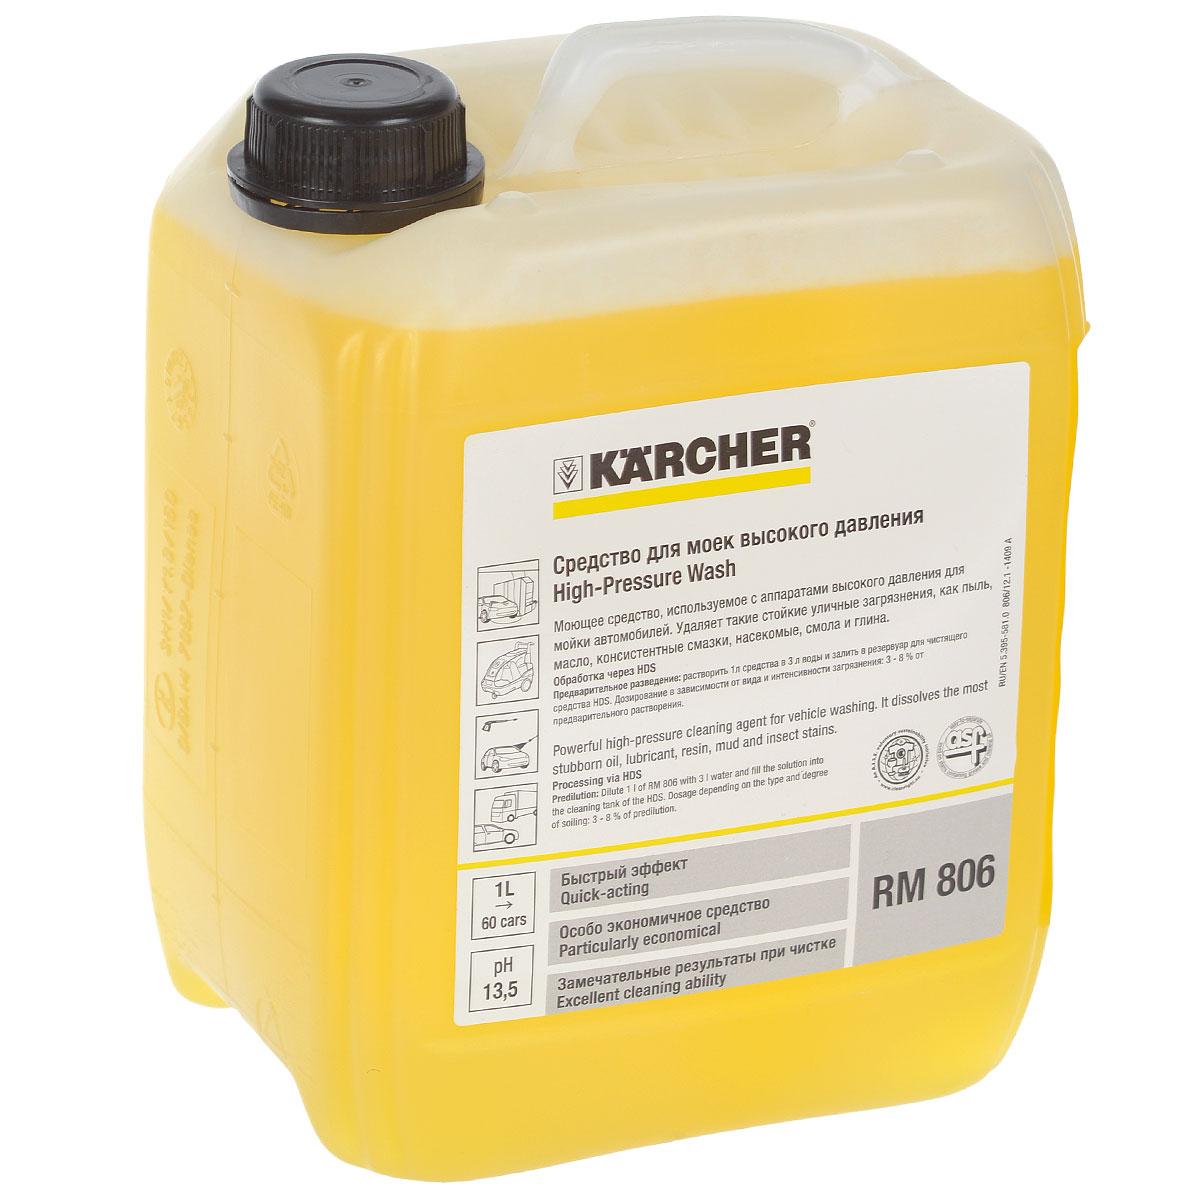 Автошампунь Karcher High-Pressure Wash для моек высокого давления 5л 6.295-504.0 - Автохимия и косметика - Автошампуни и полироли